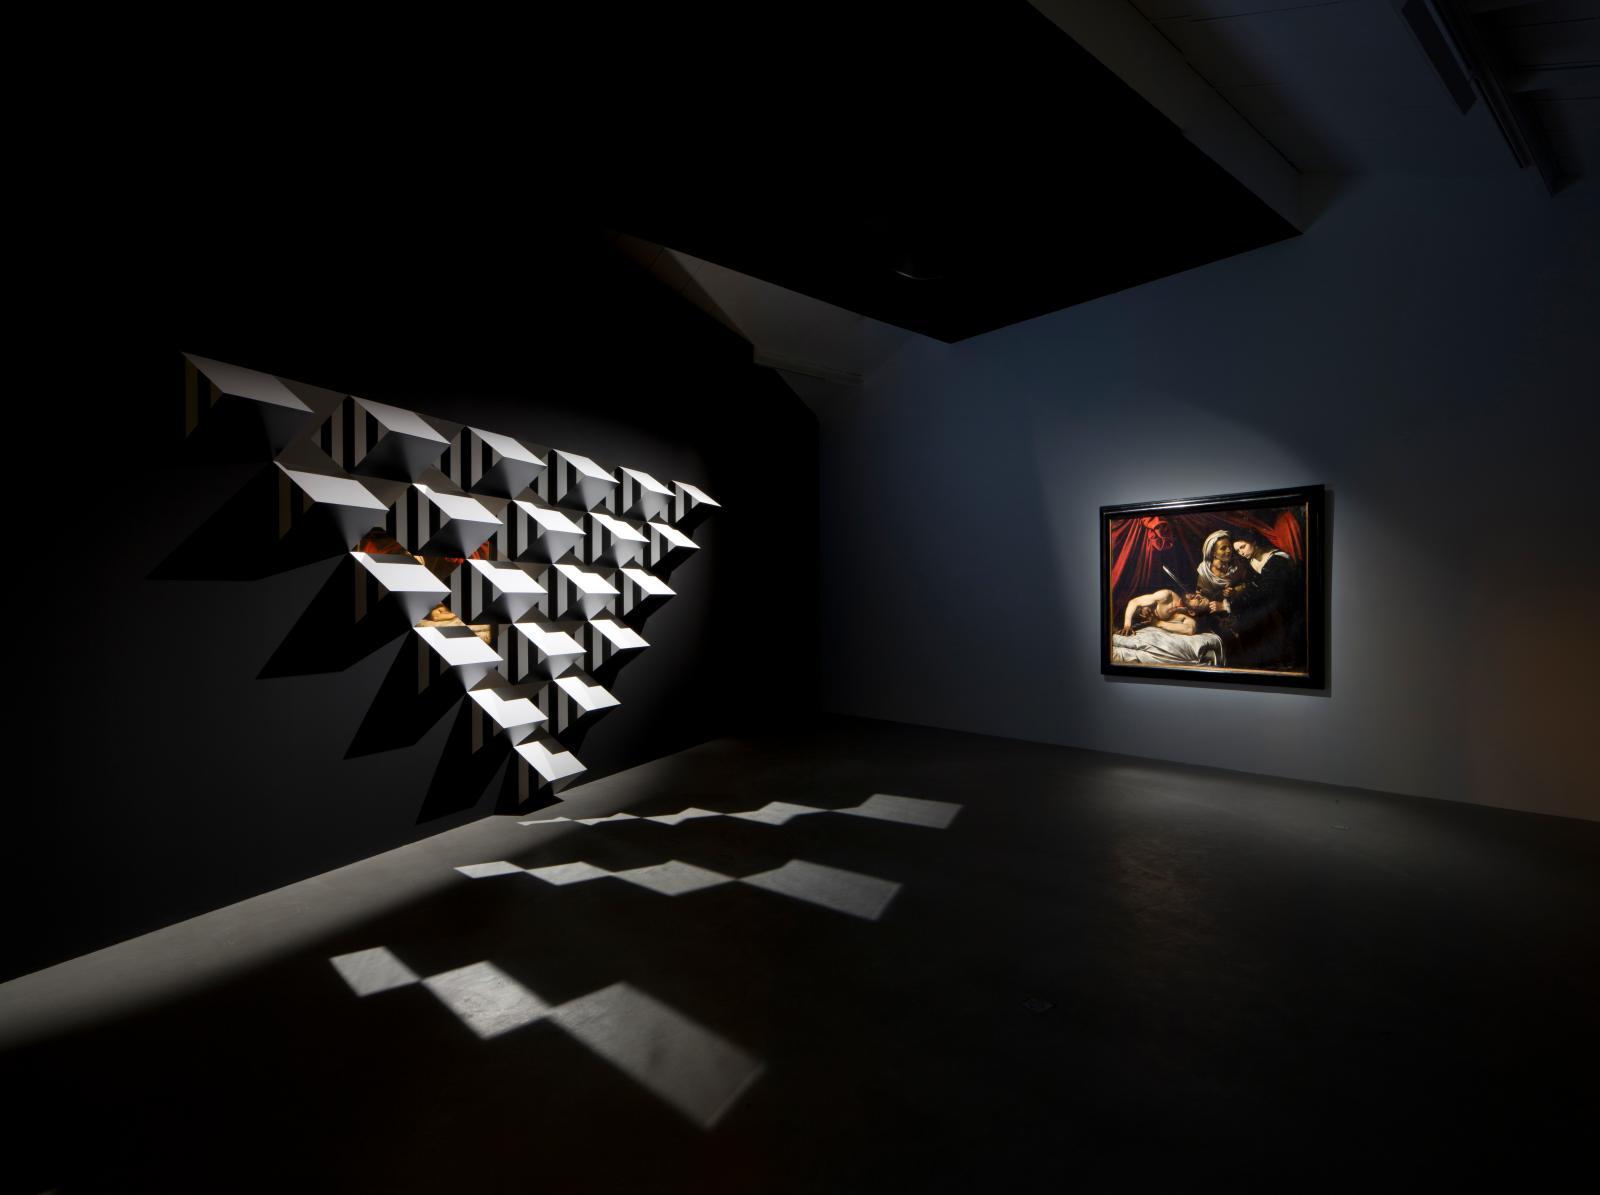 """Exhibition """"Caravaggio, Judith Beheading Holofernes – Daniel Buren, Pyramidal, Haut-Relief-AS, travail situ锩 daniel buren - adagp, paris"""